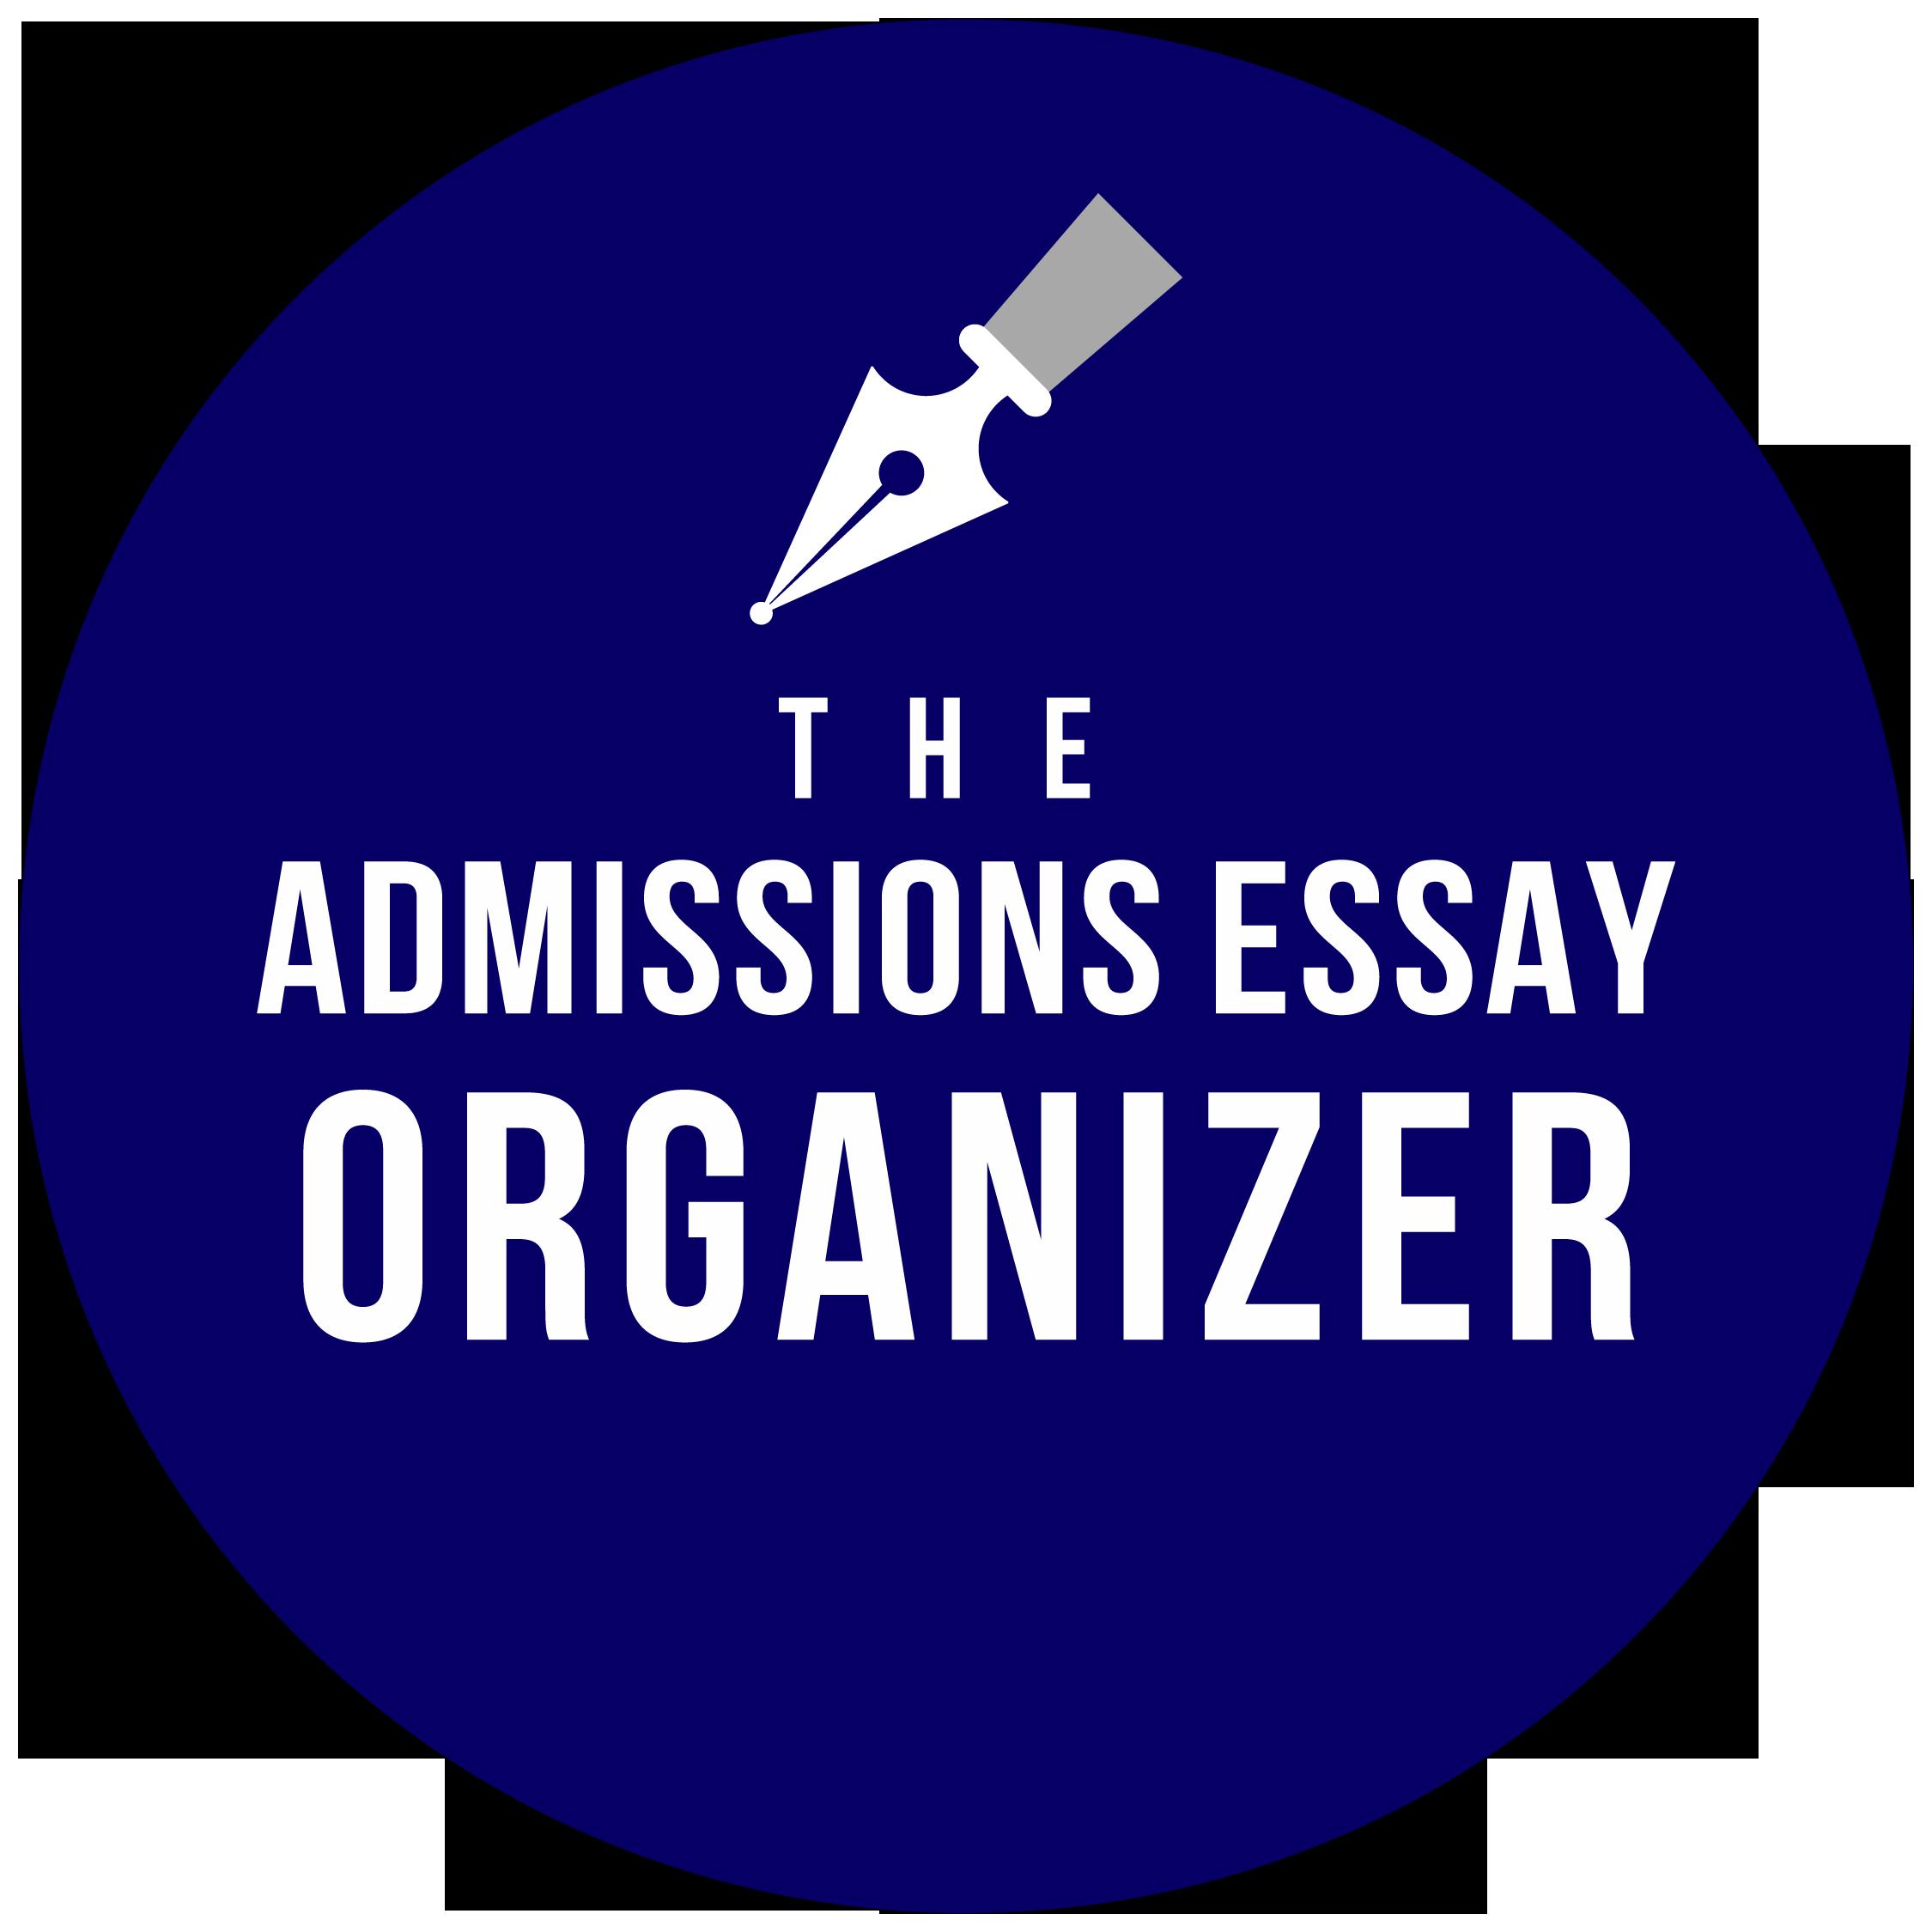 Admissions essay organizer ivyzen